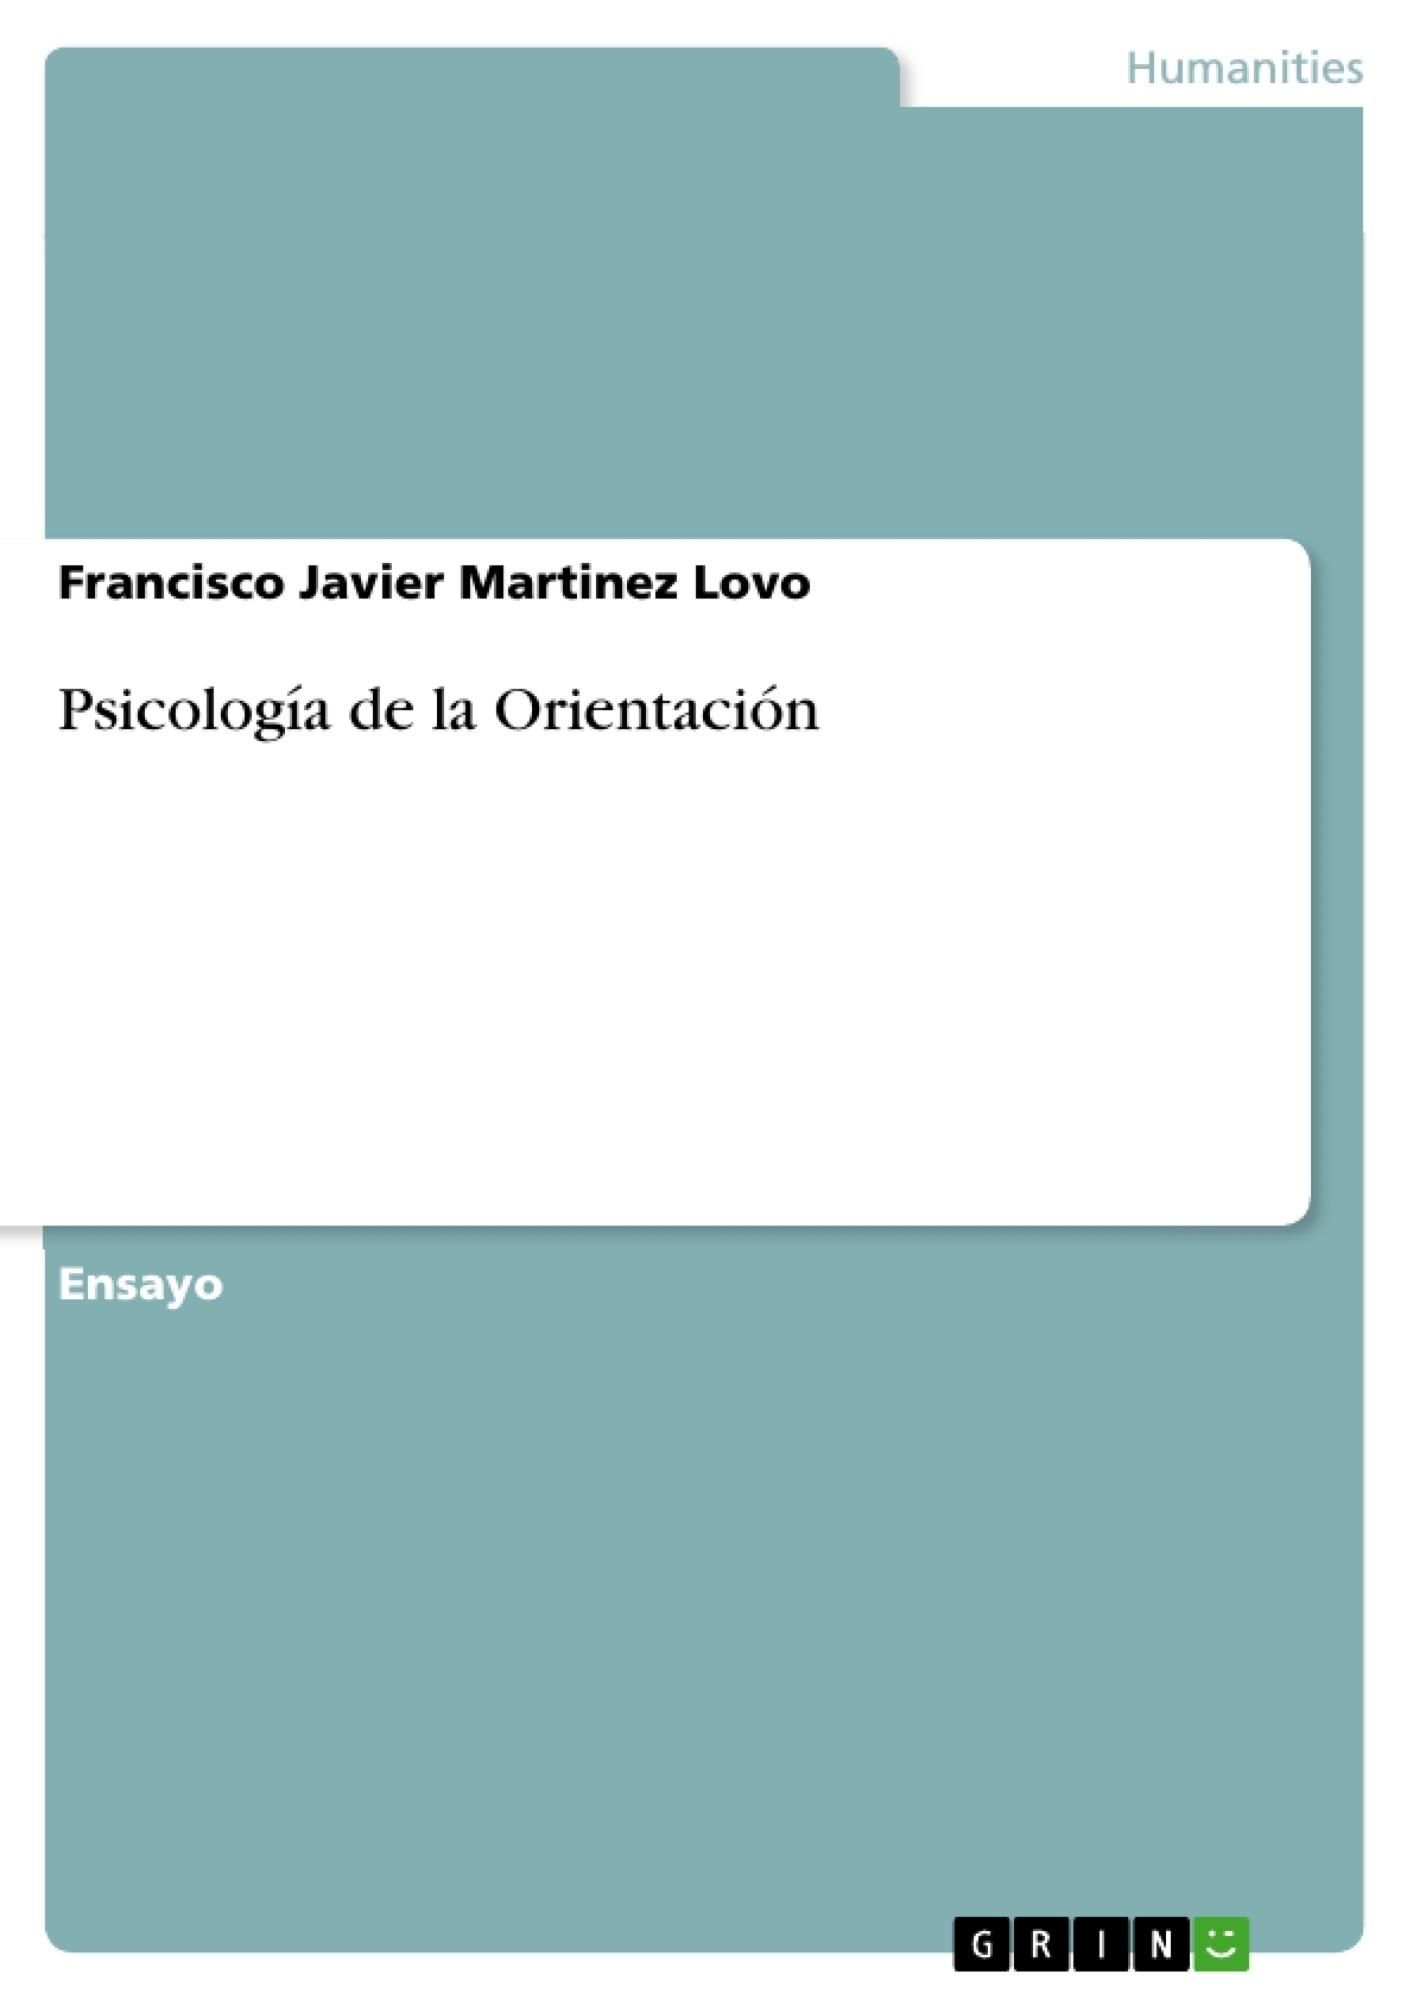 Título: Psicología de la Orientación